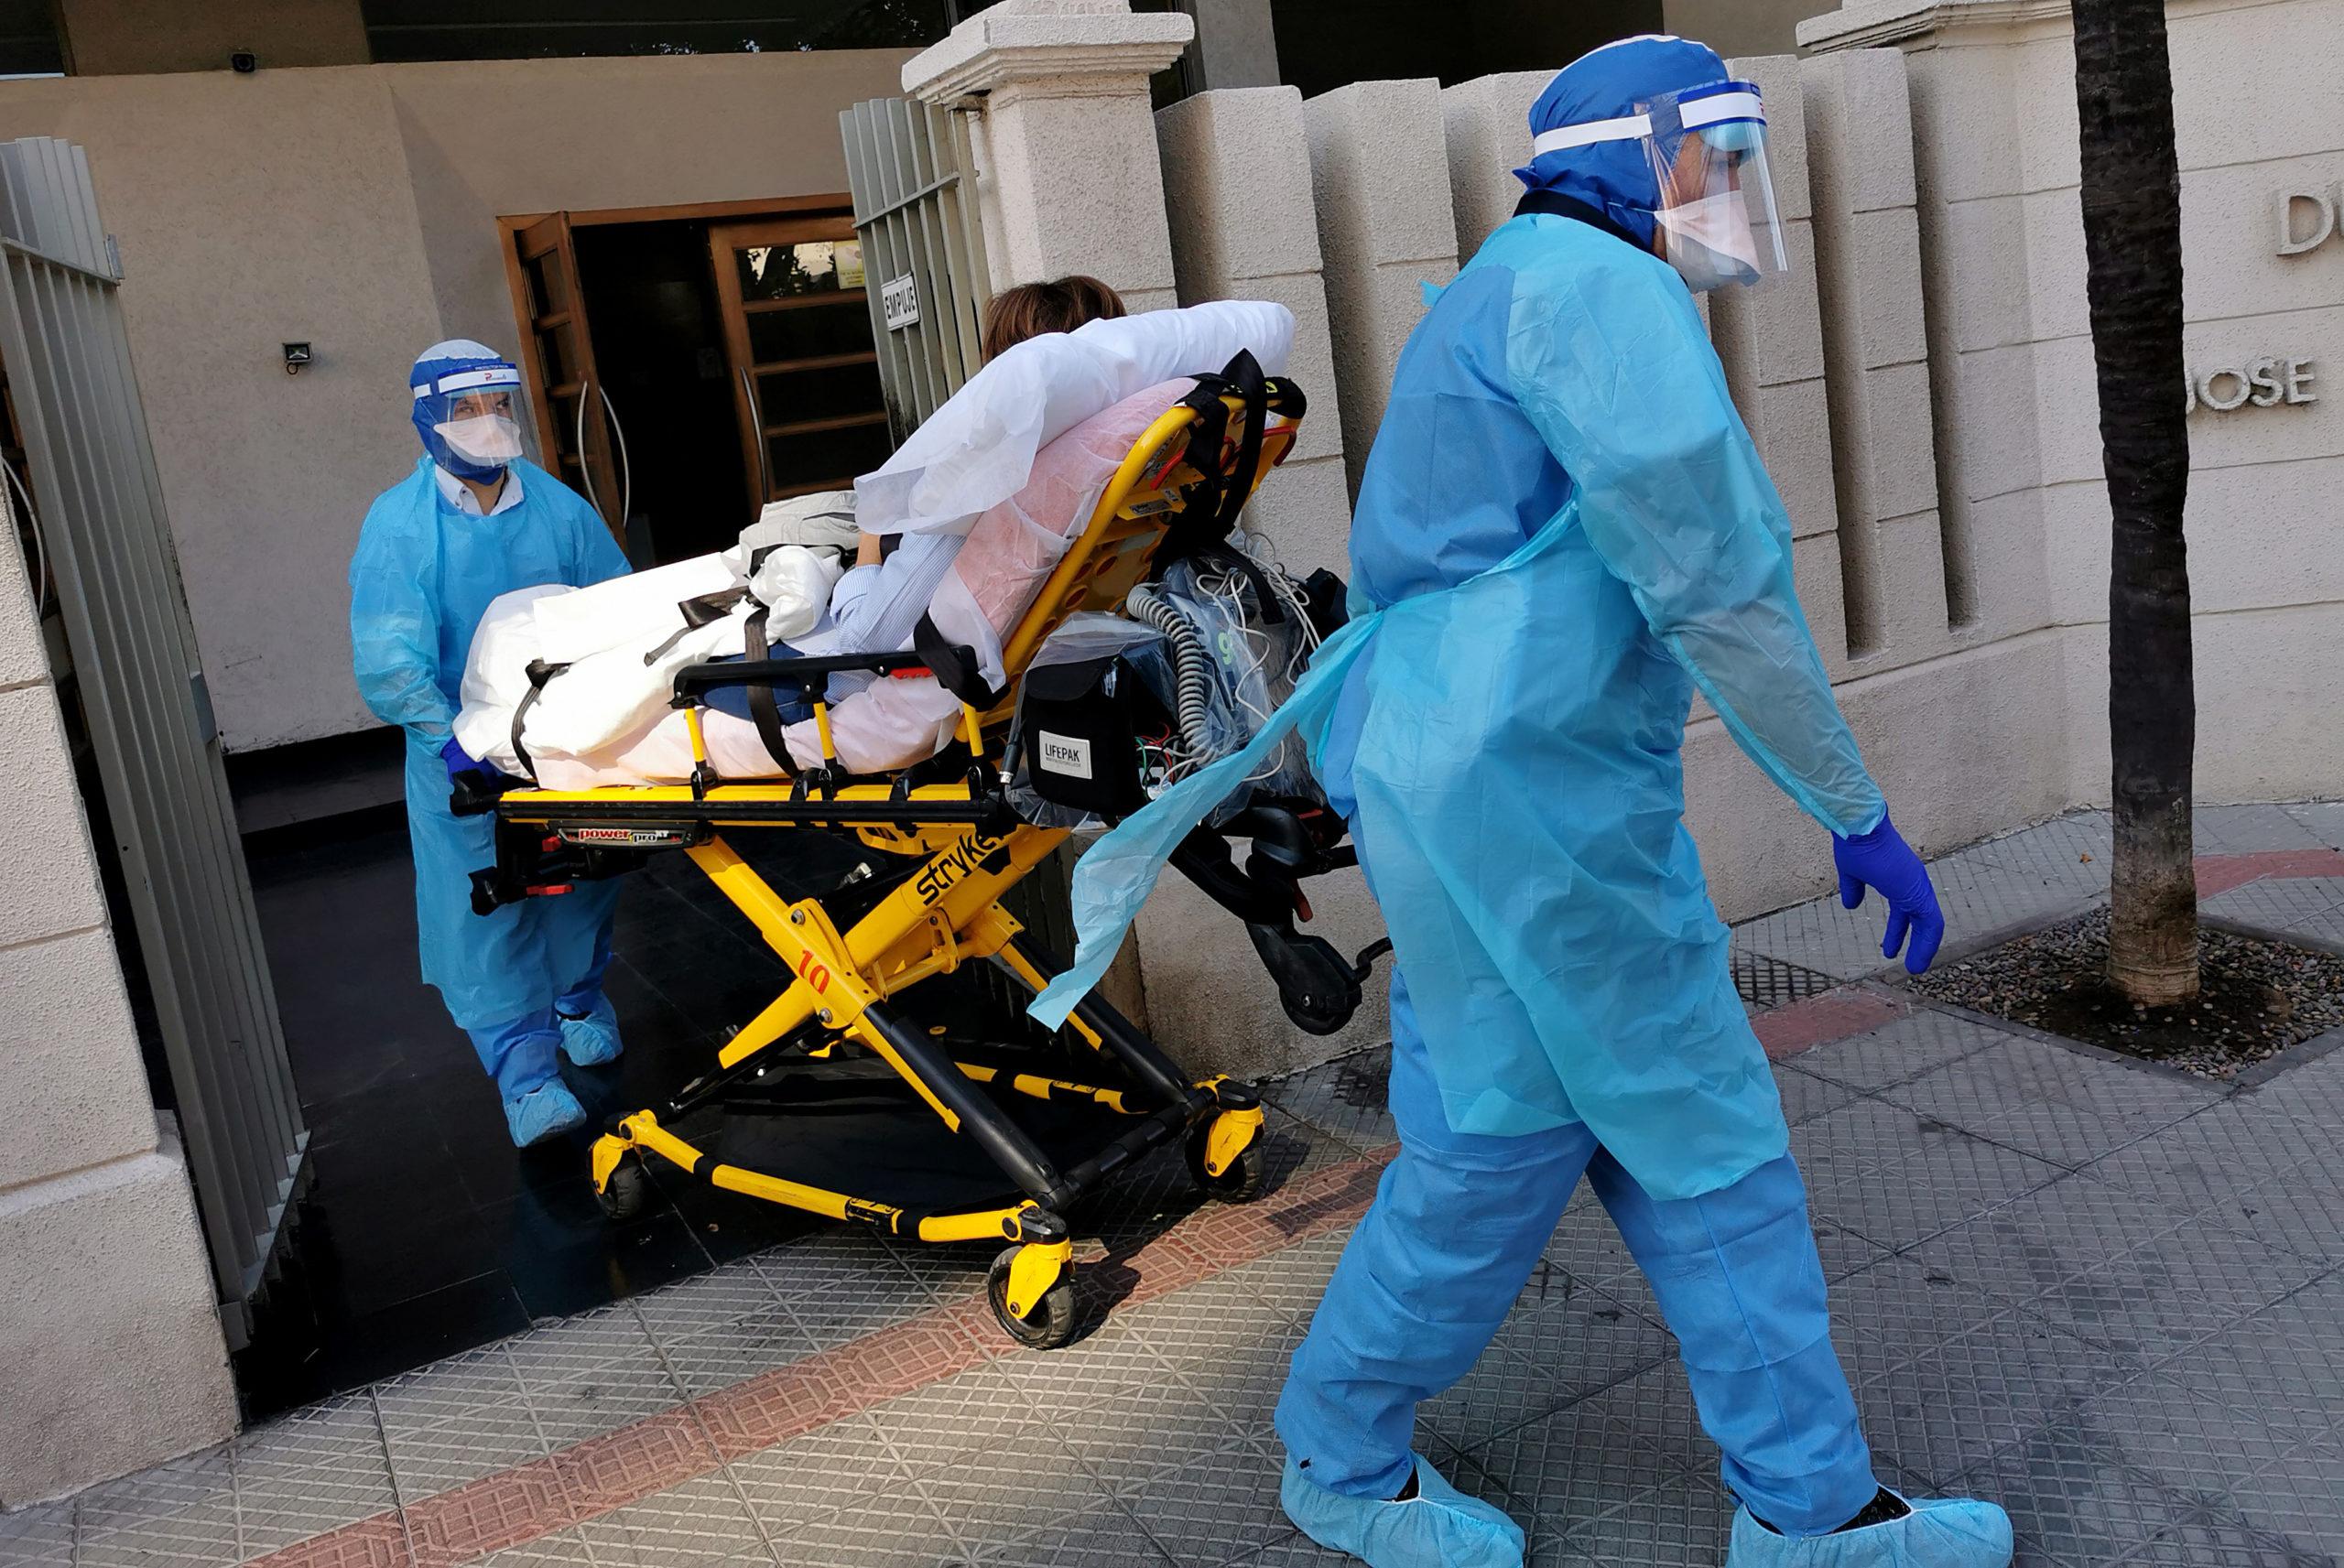 Noticias Chile | Estudios de científicos aseveran que los anticuerpos que produce el cuerpo humano contra el Covid-19 pueden durar solo dos o tres meses